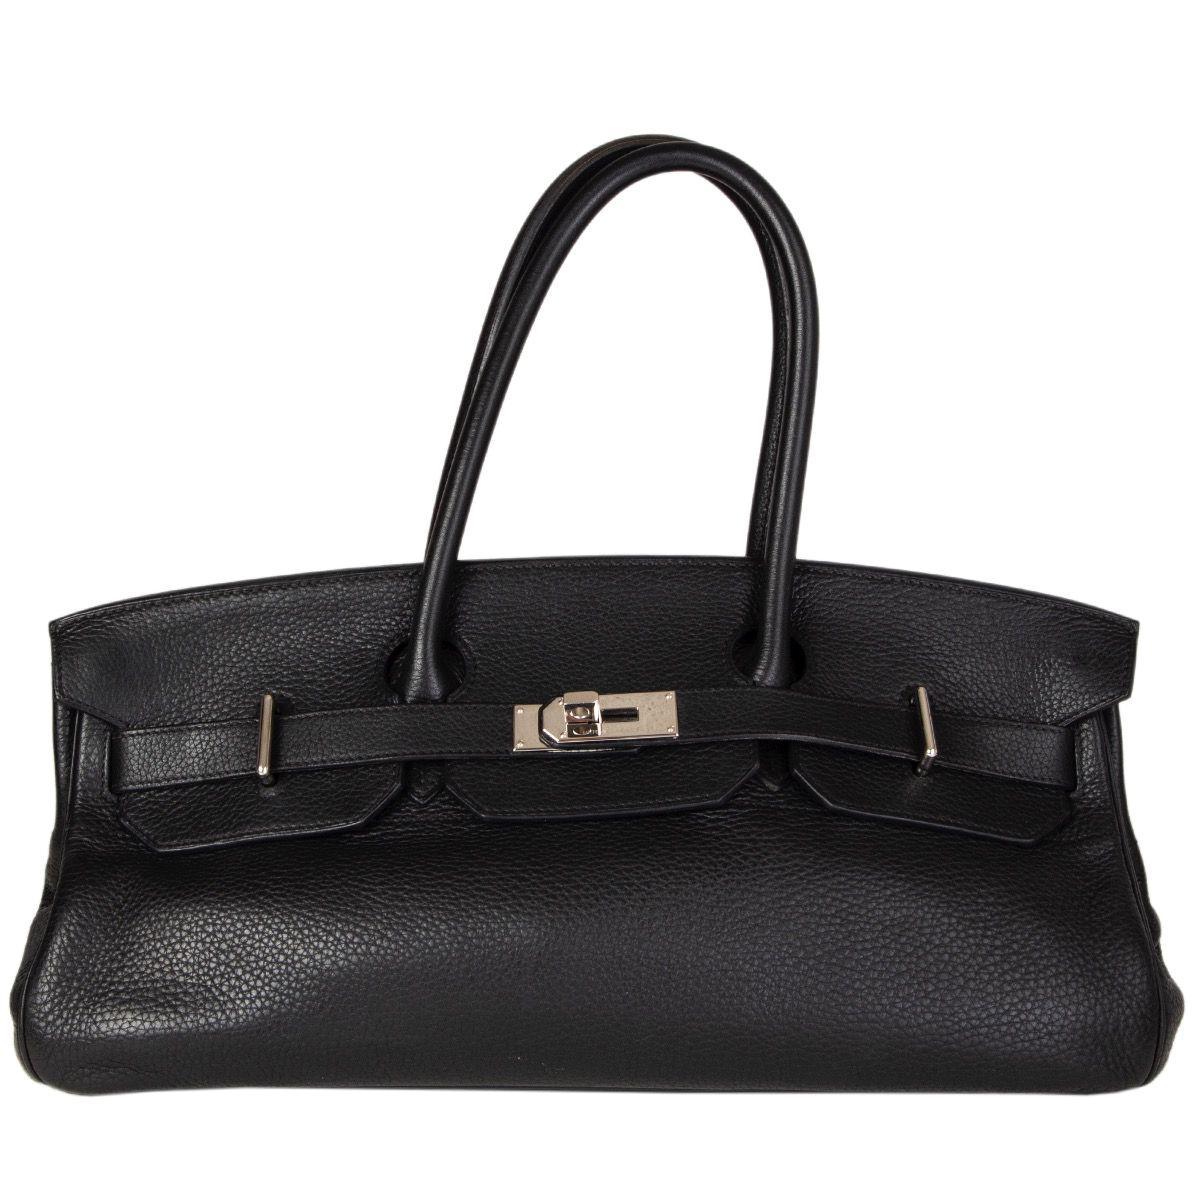 HERMES black Clemence leather & Palladium JPG I SHOULDER BIRKIN Bag